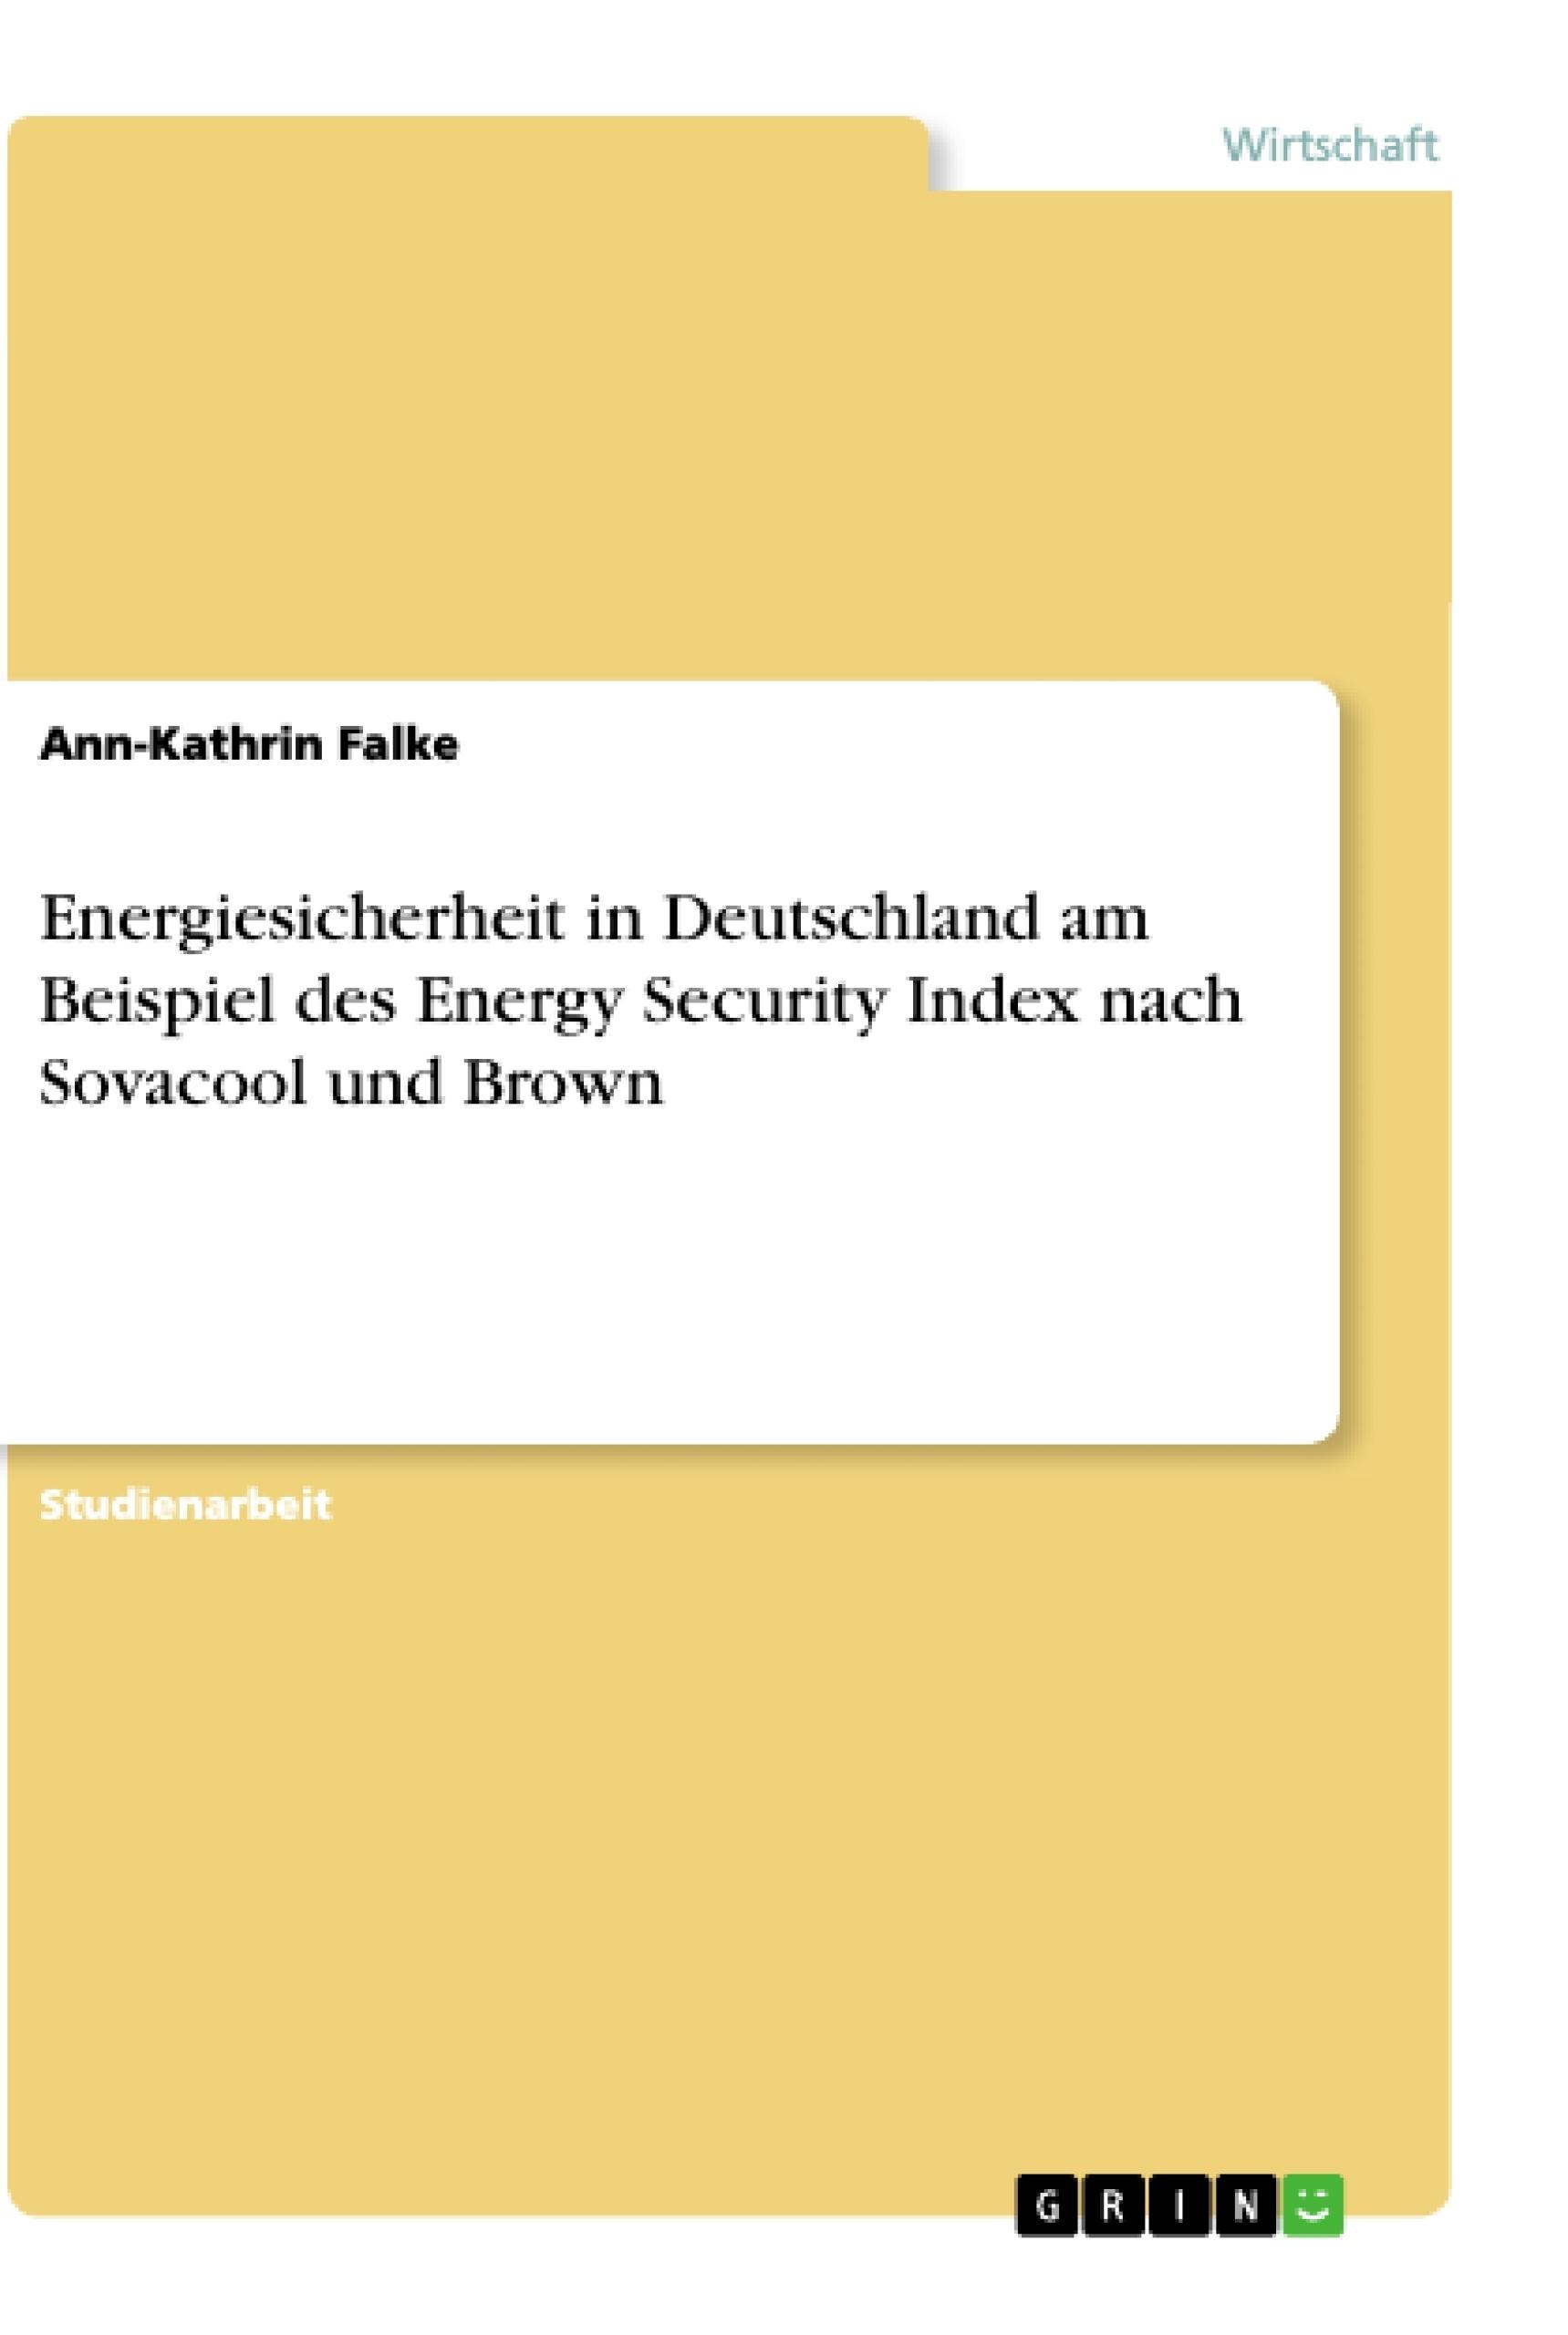 Titel: Energiesicherheit in Deutschland am Beispiel des Energy Security Index nach Sovacool und Brown